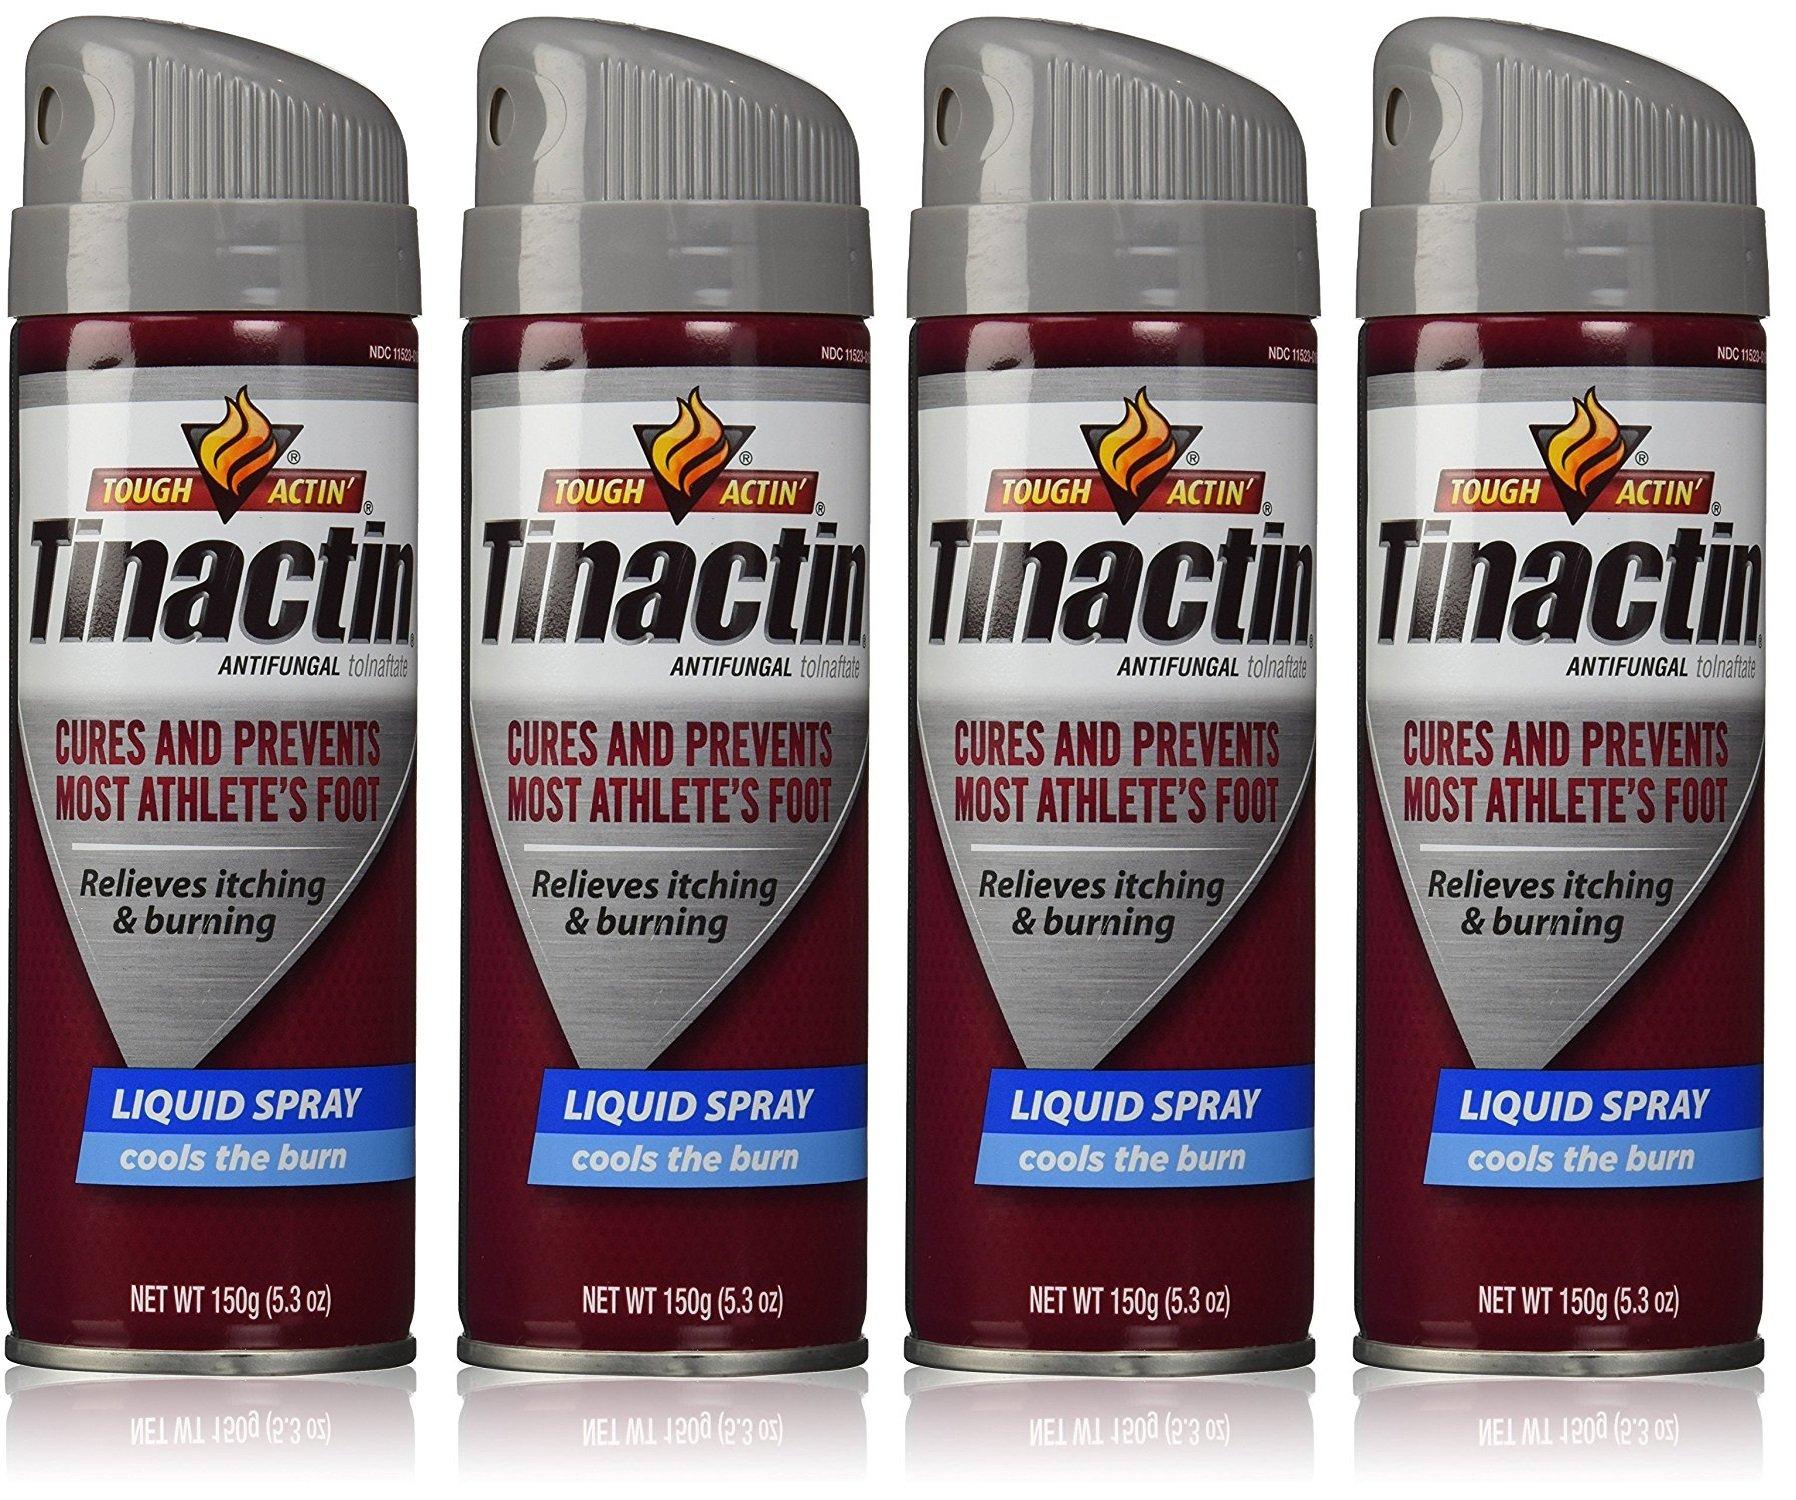 Tinactin Antifungal pTNyIZ Liquid Spray 5.3 Oz (Pack of 4)